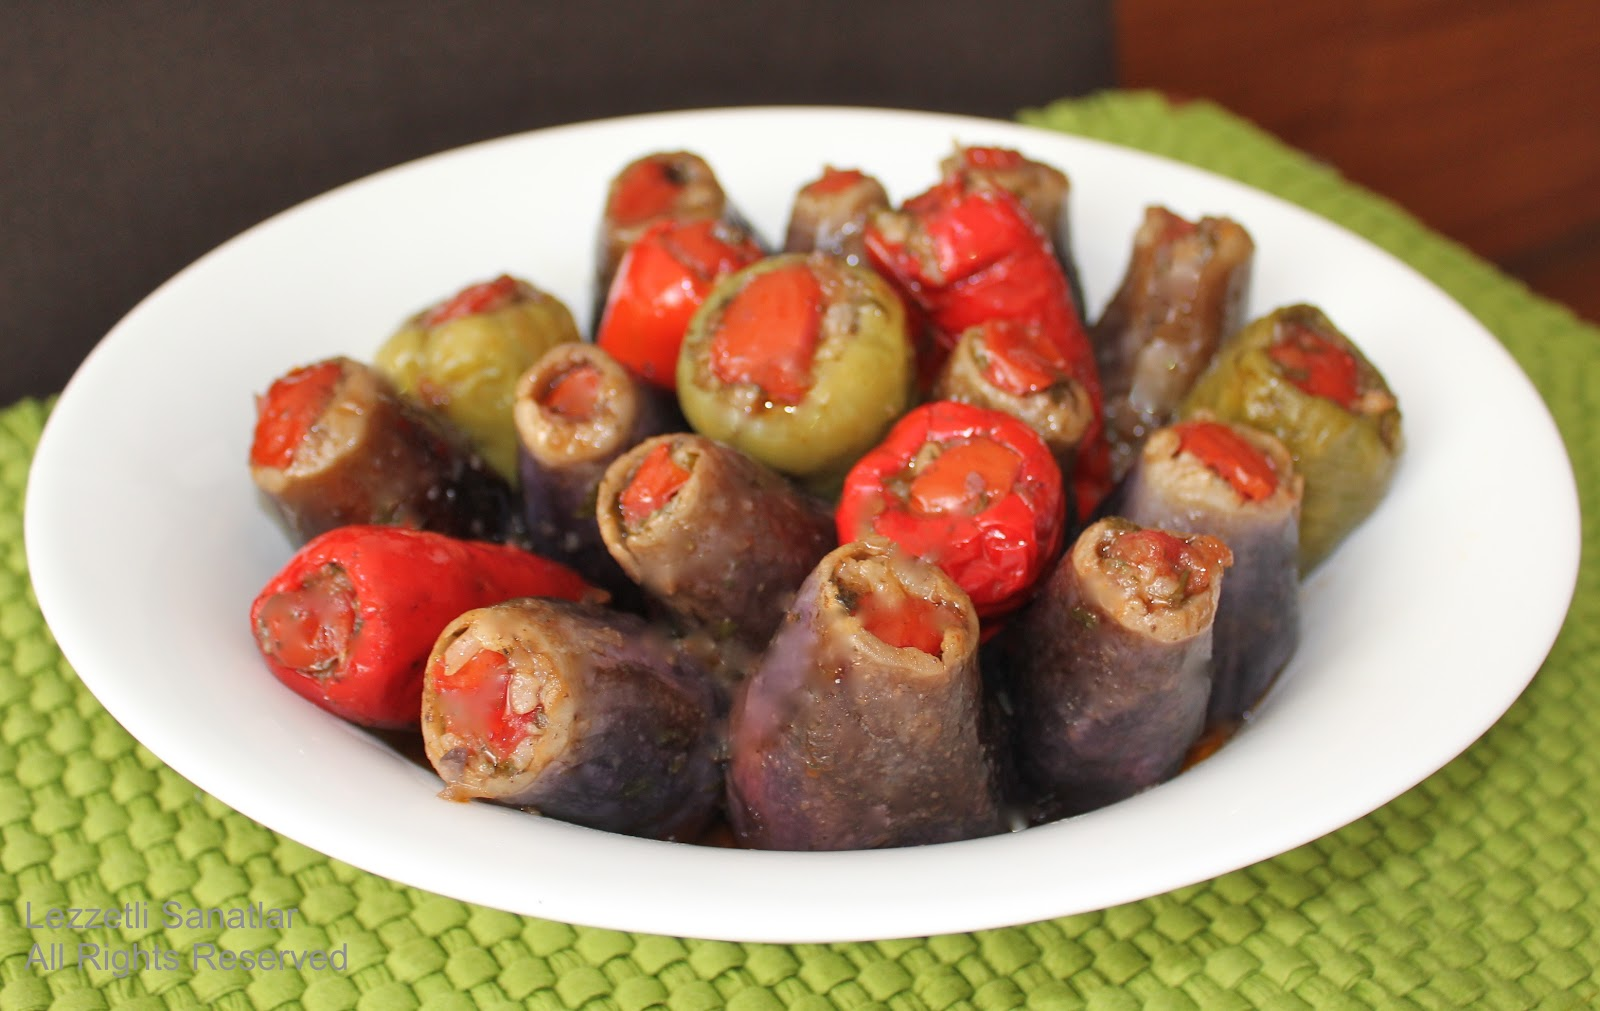 Zeytin Yağlı Mercimekli Patlıcan